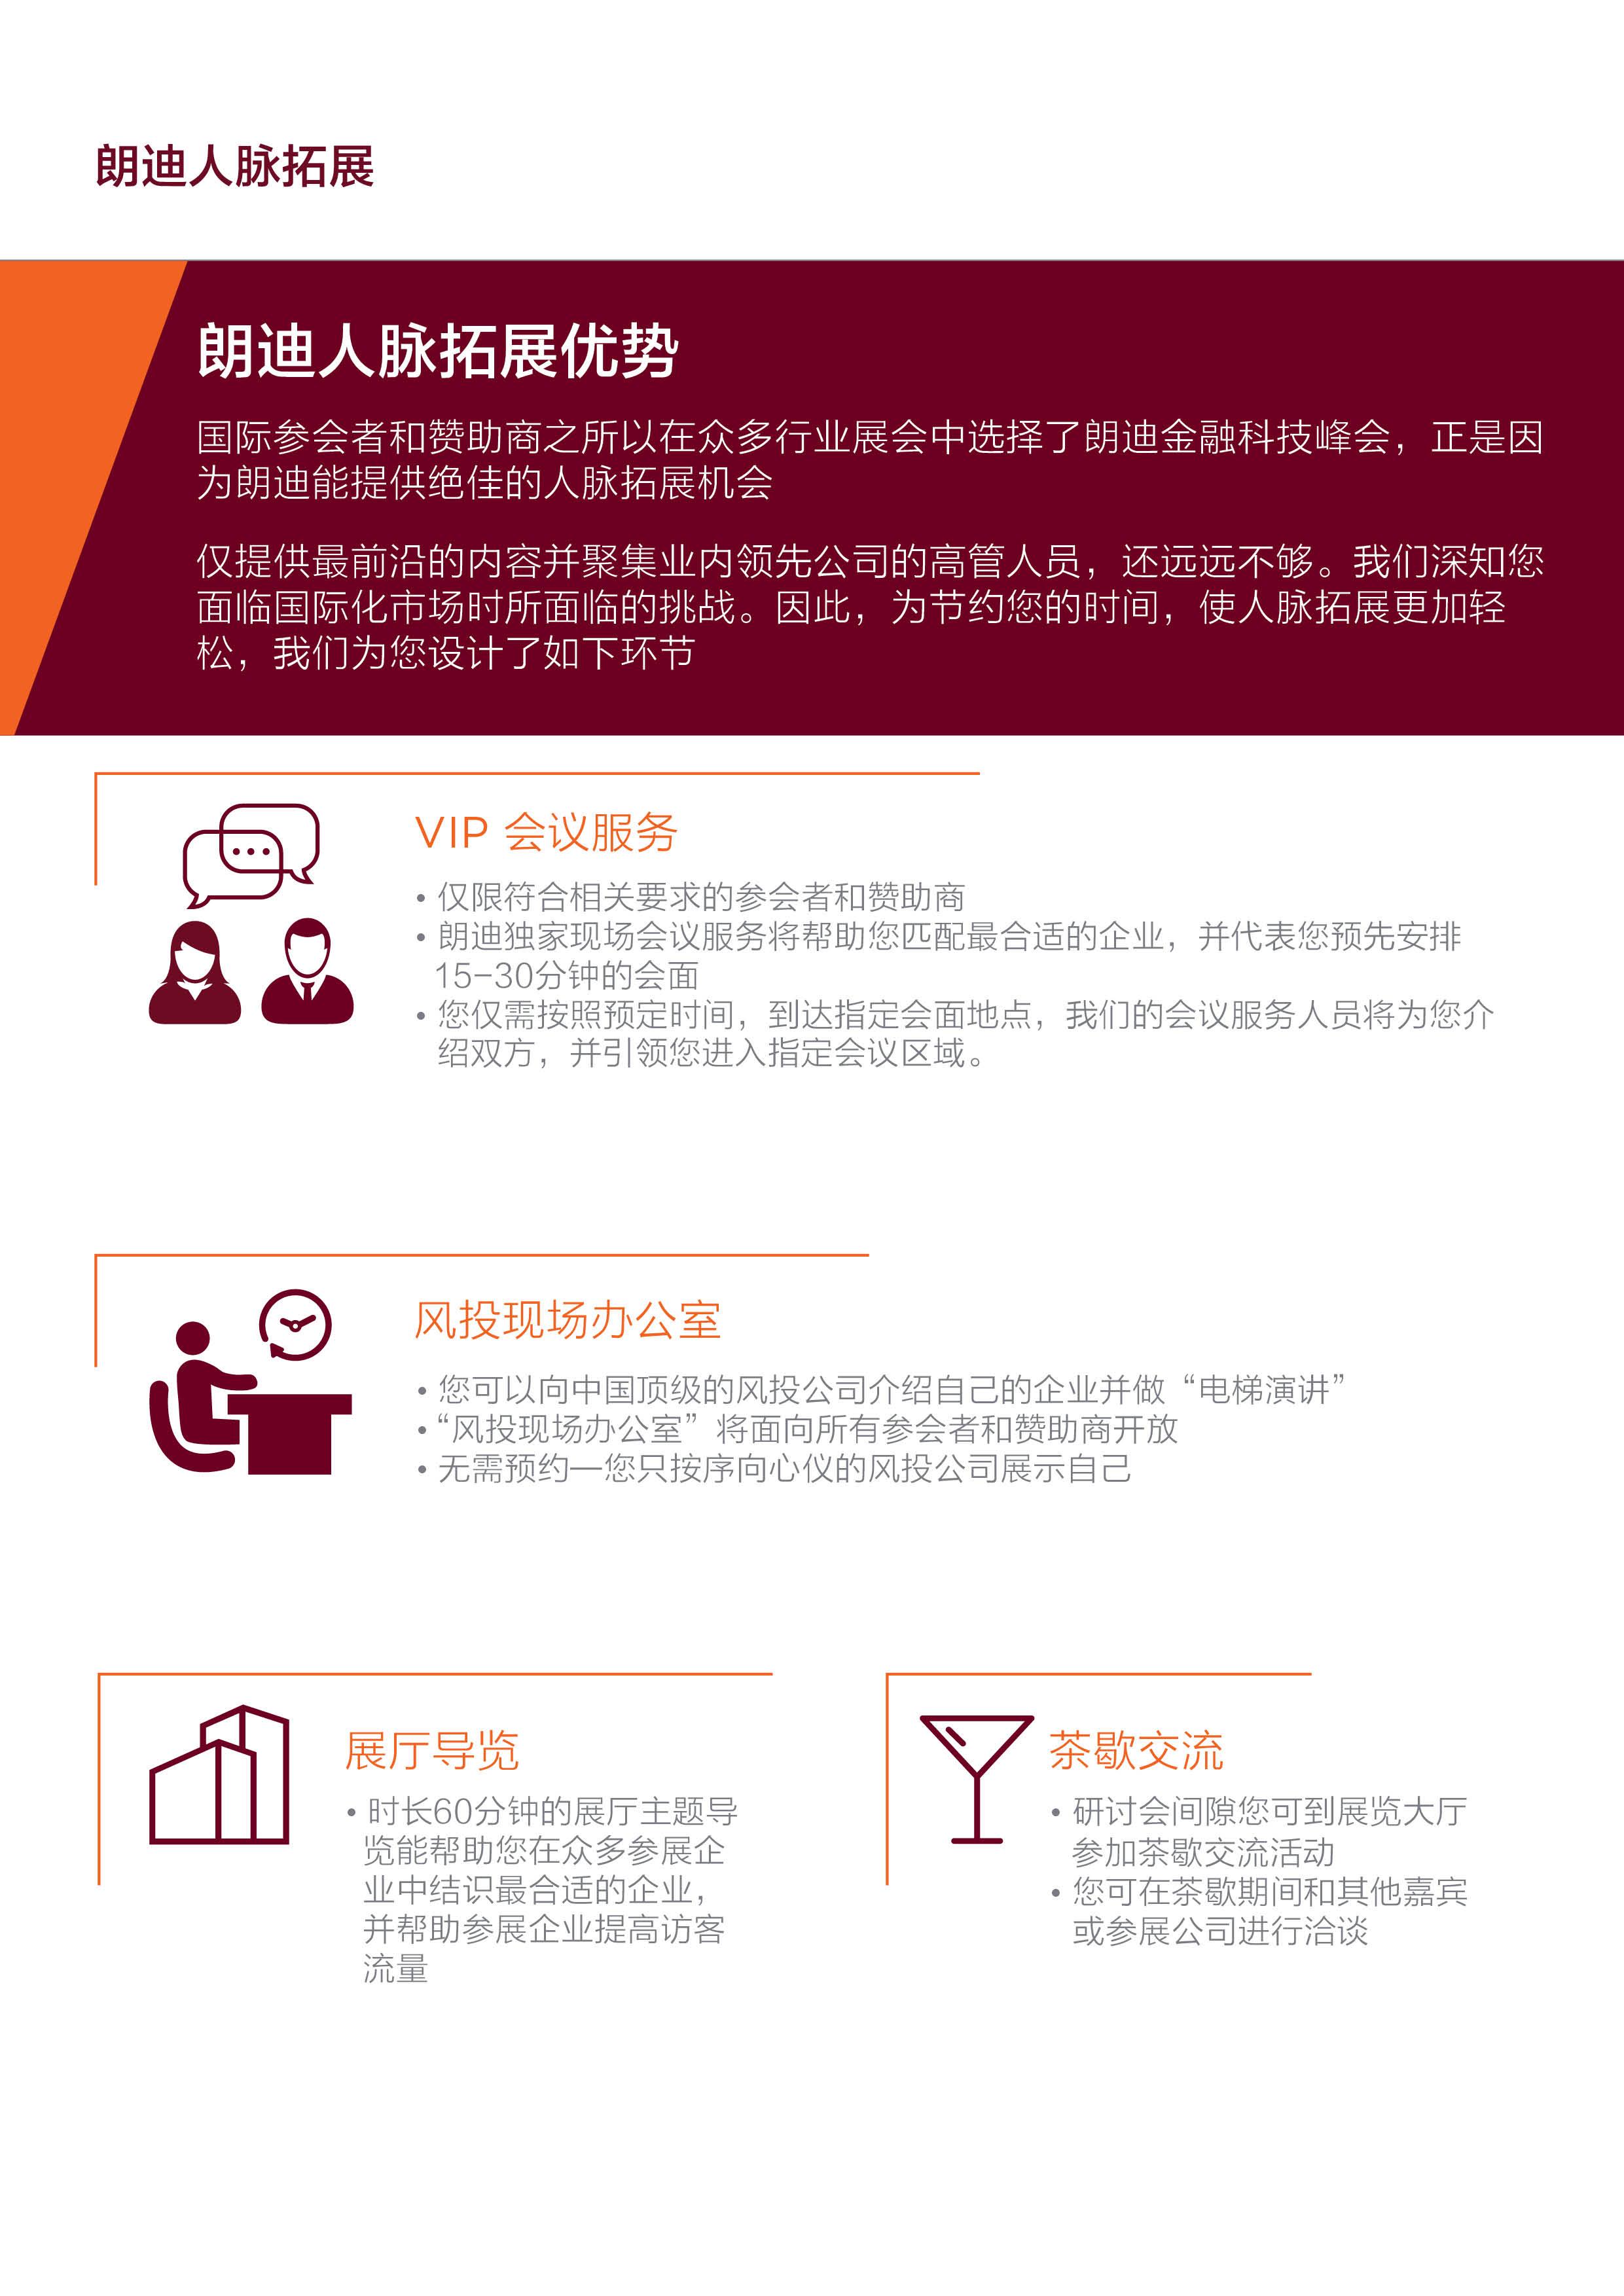 2017年度朗迪金融科技峰会(朗迪Fintech)